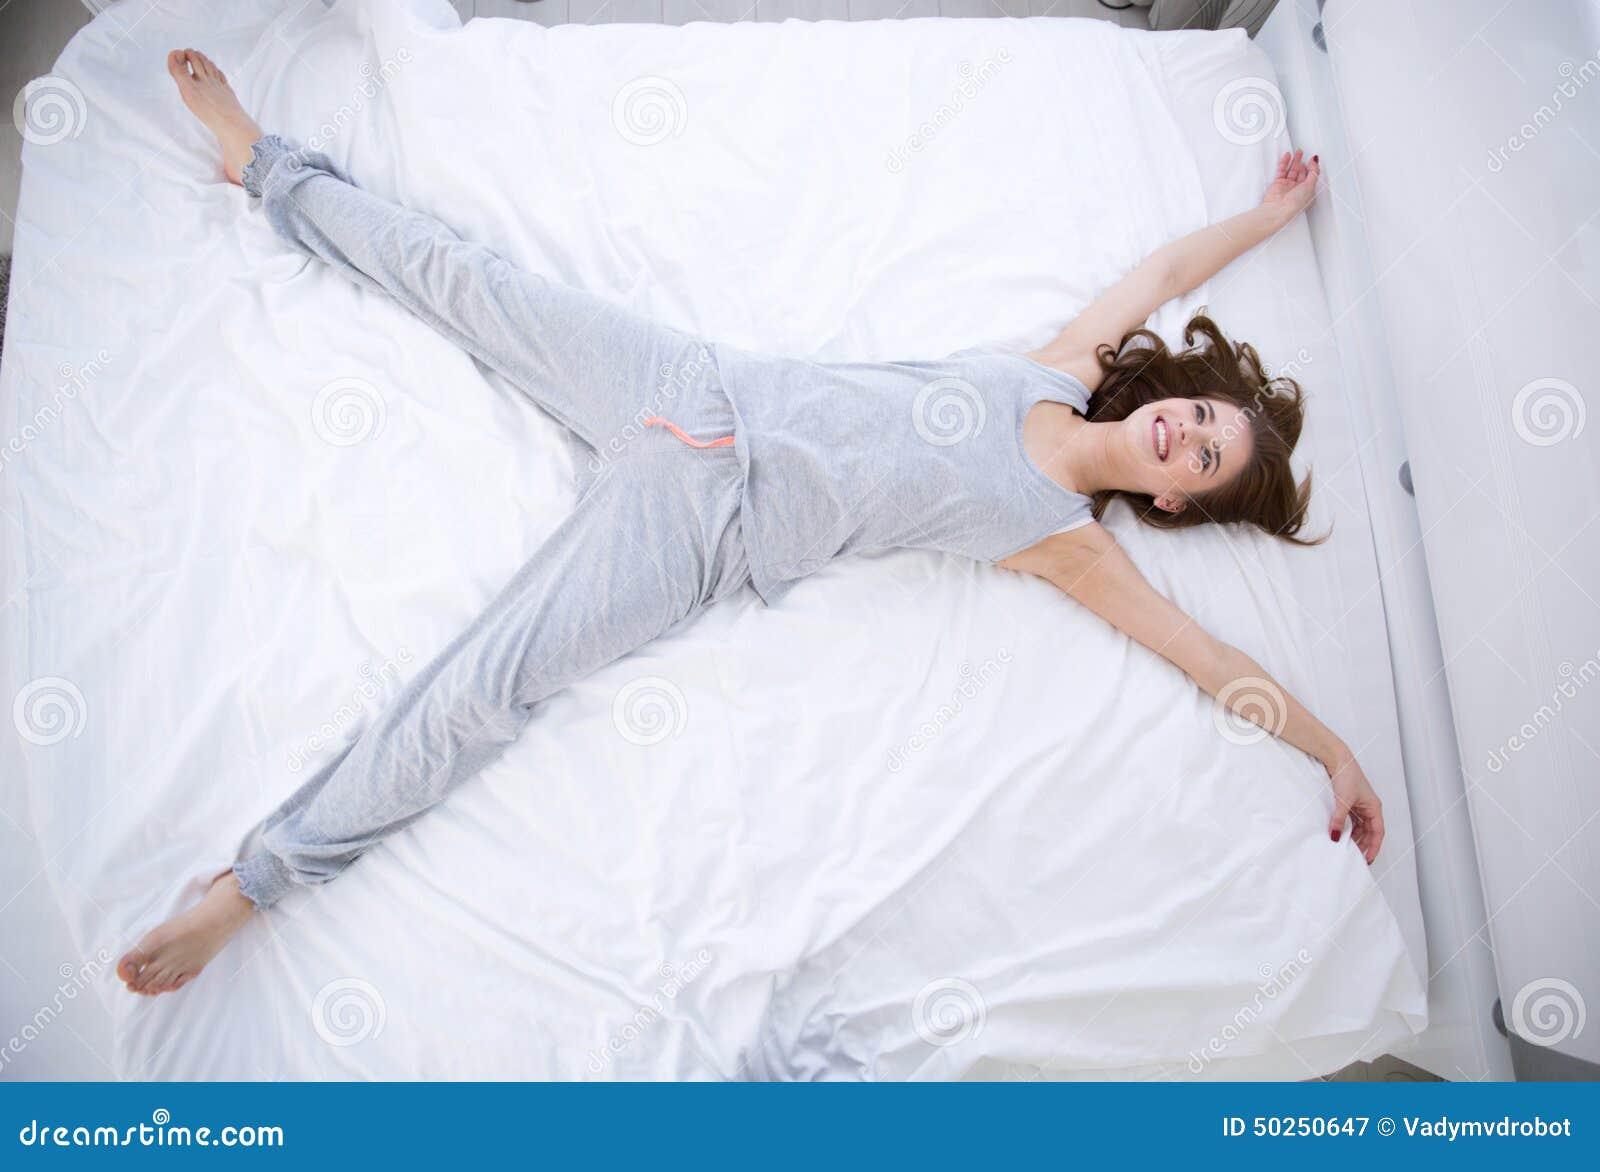 Секс с привязанной девушкой на дому, Порно видео онлайн: ДомашнееБондаж и связывание 21 фотография